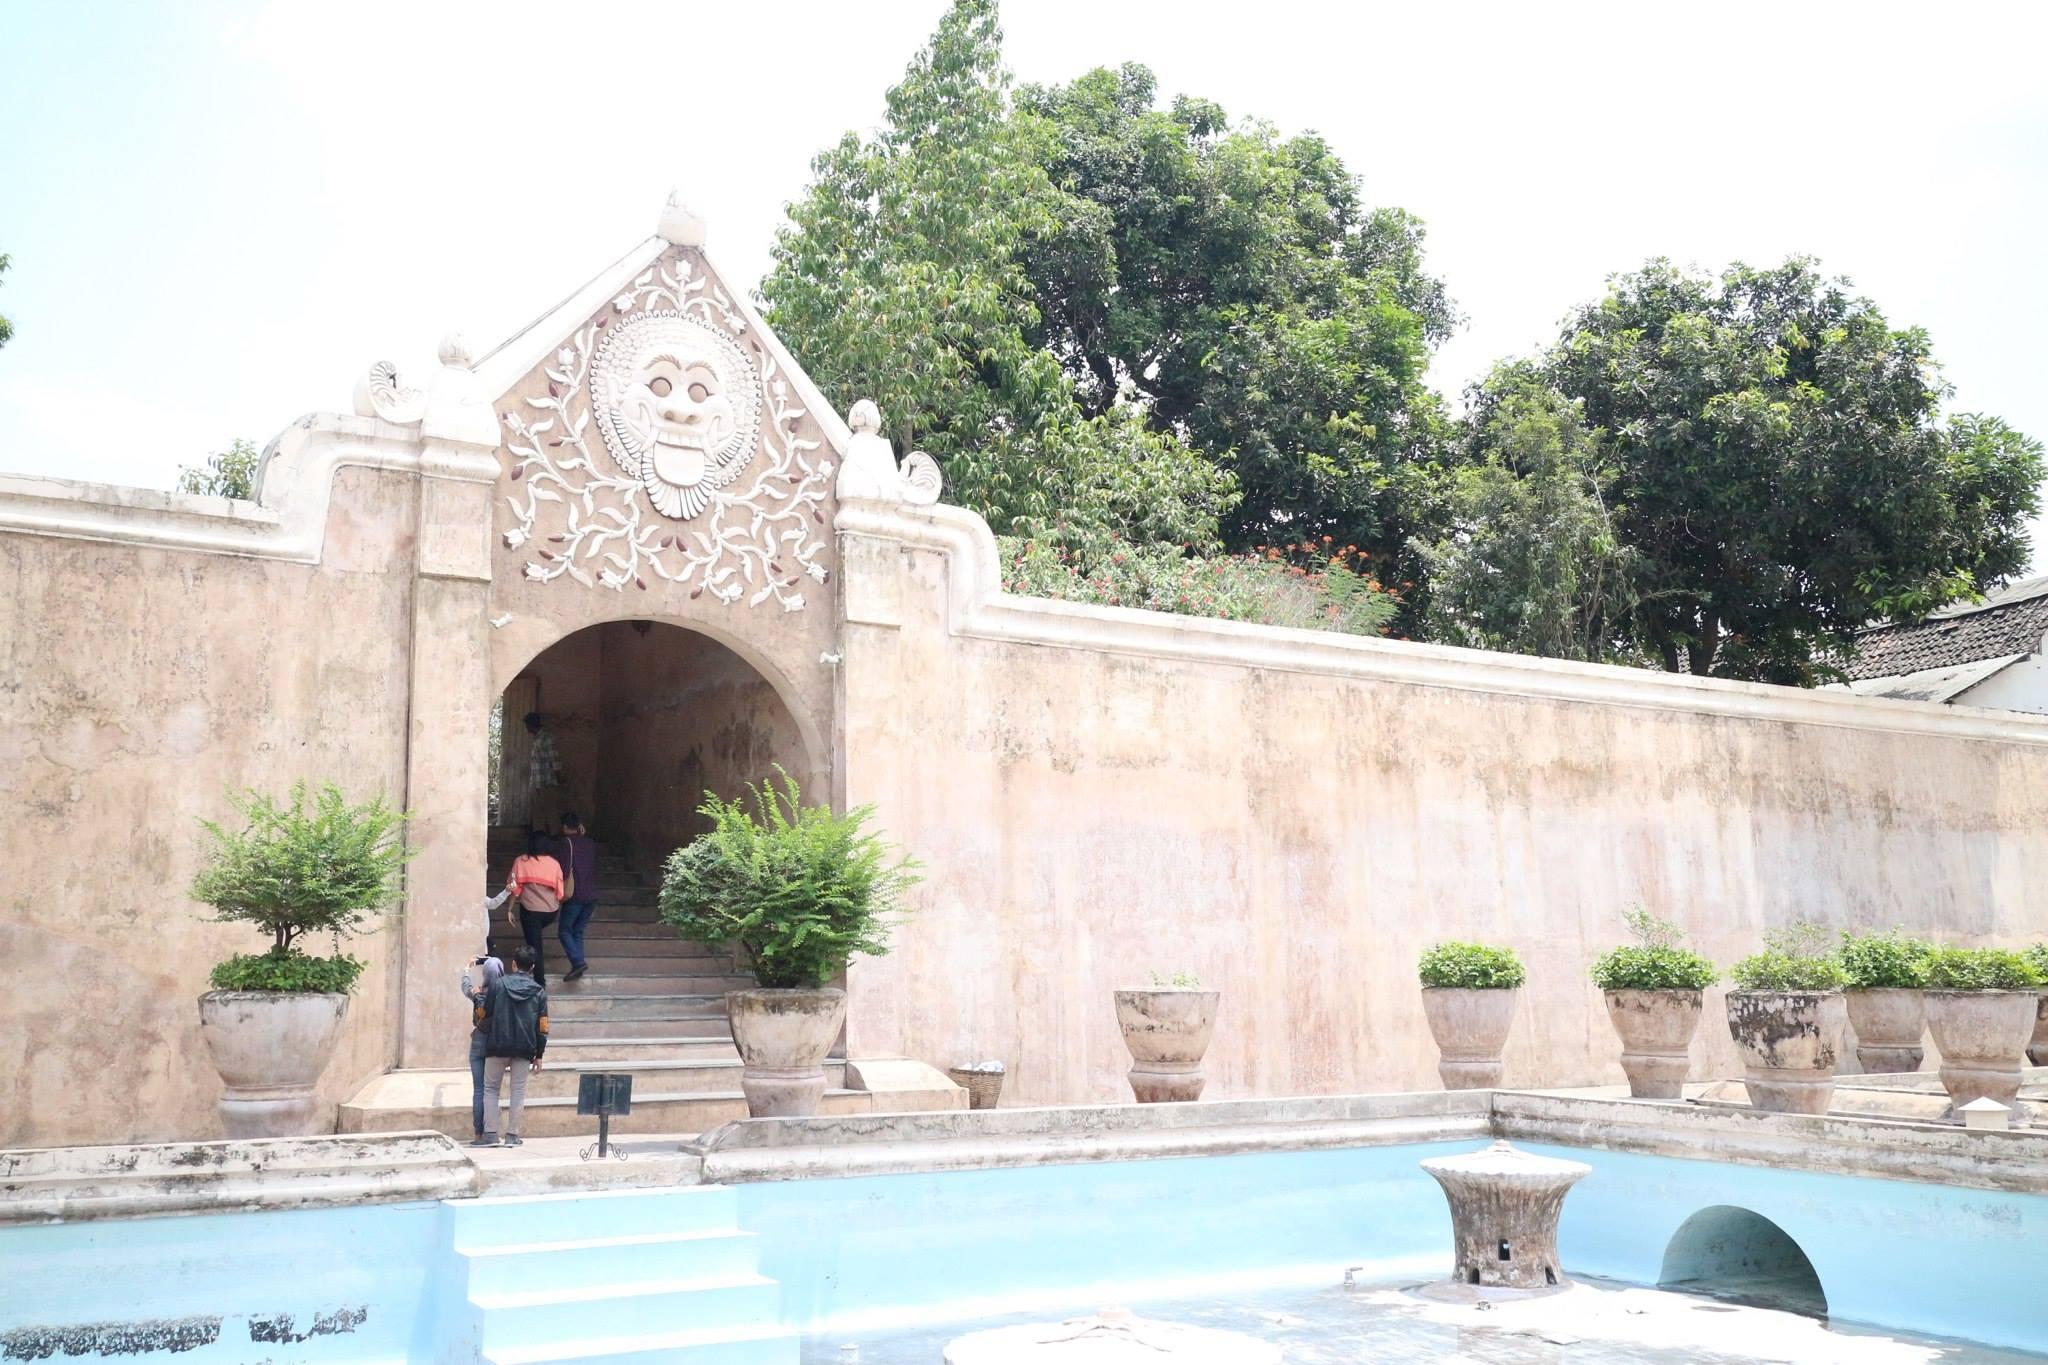 ジョグジャカルタ 2 : タマン・サリとプランバナン寺院